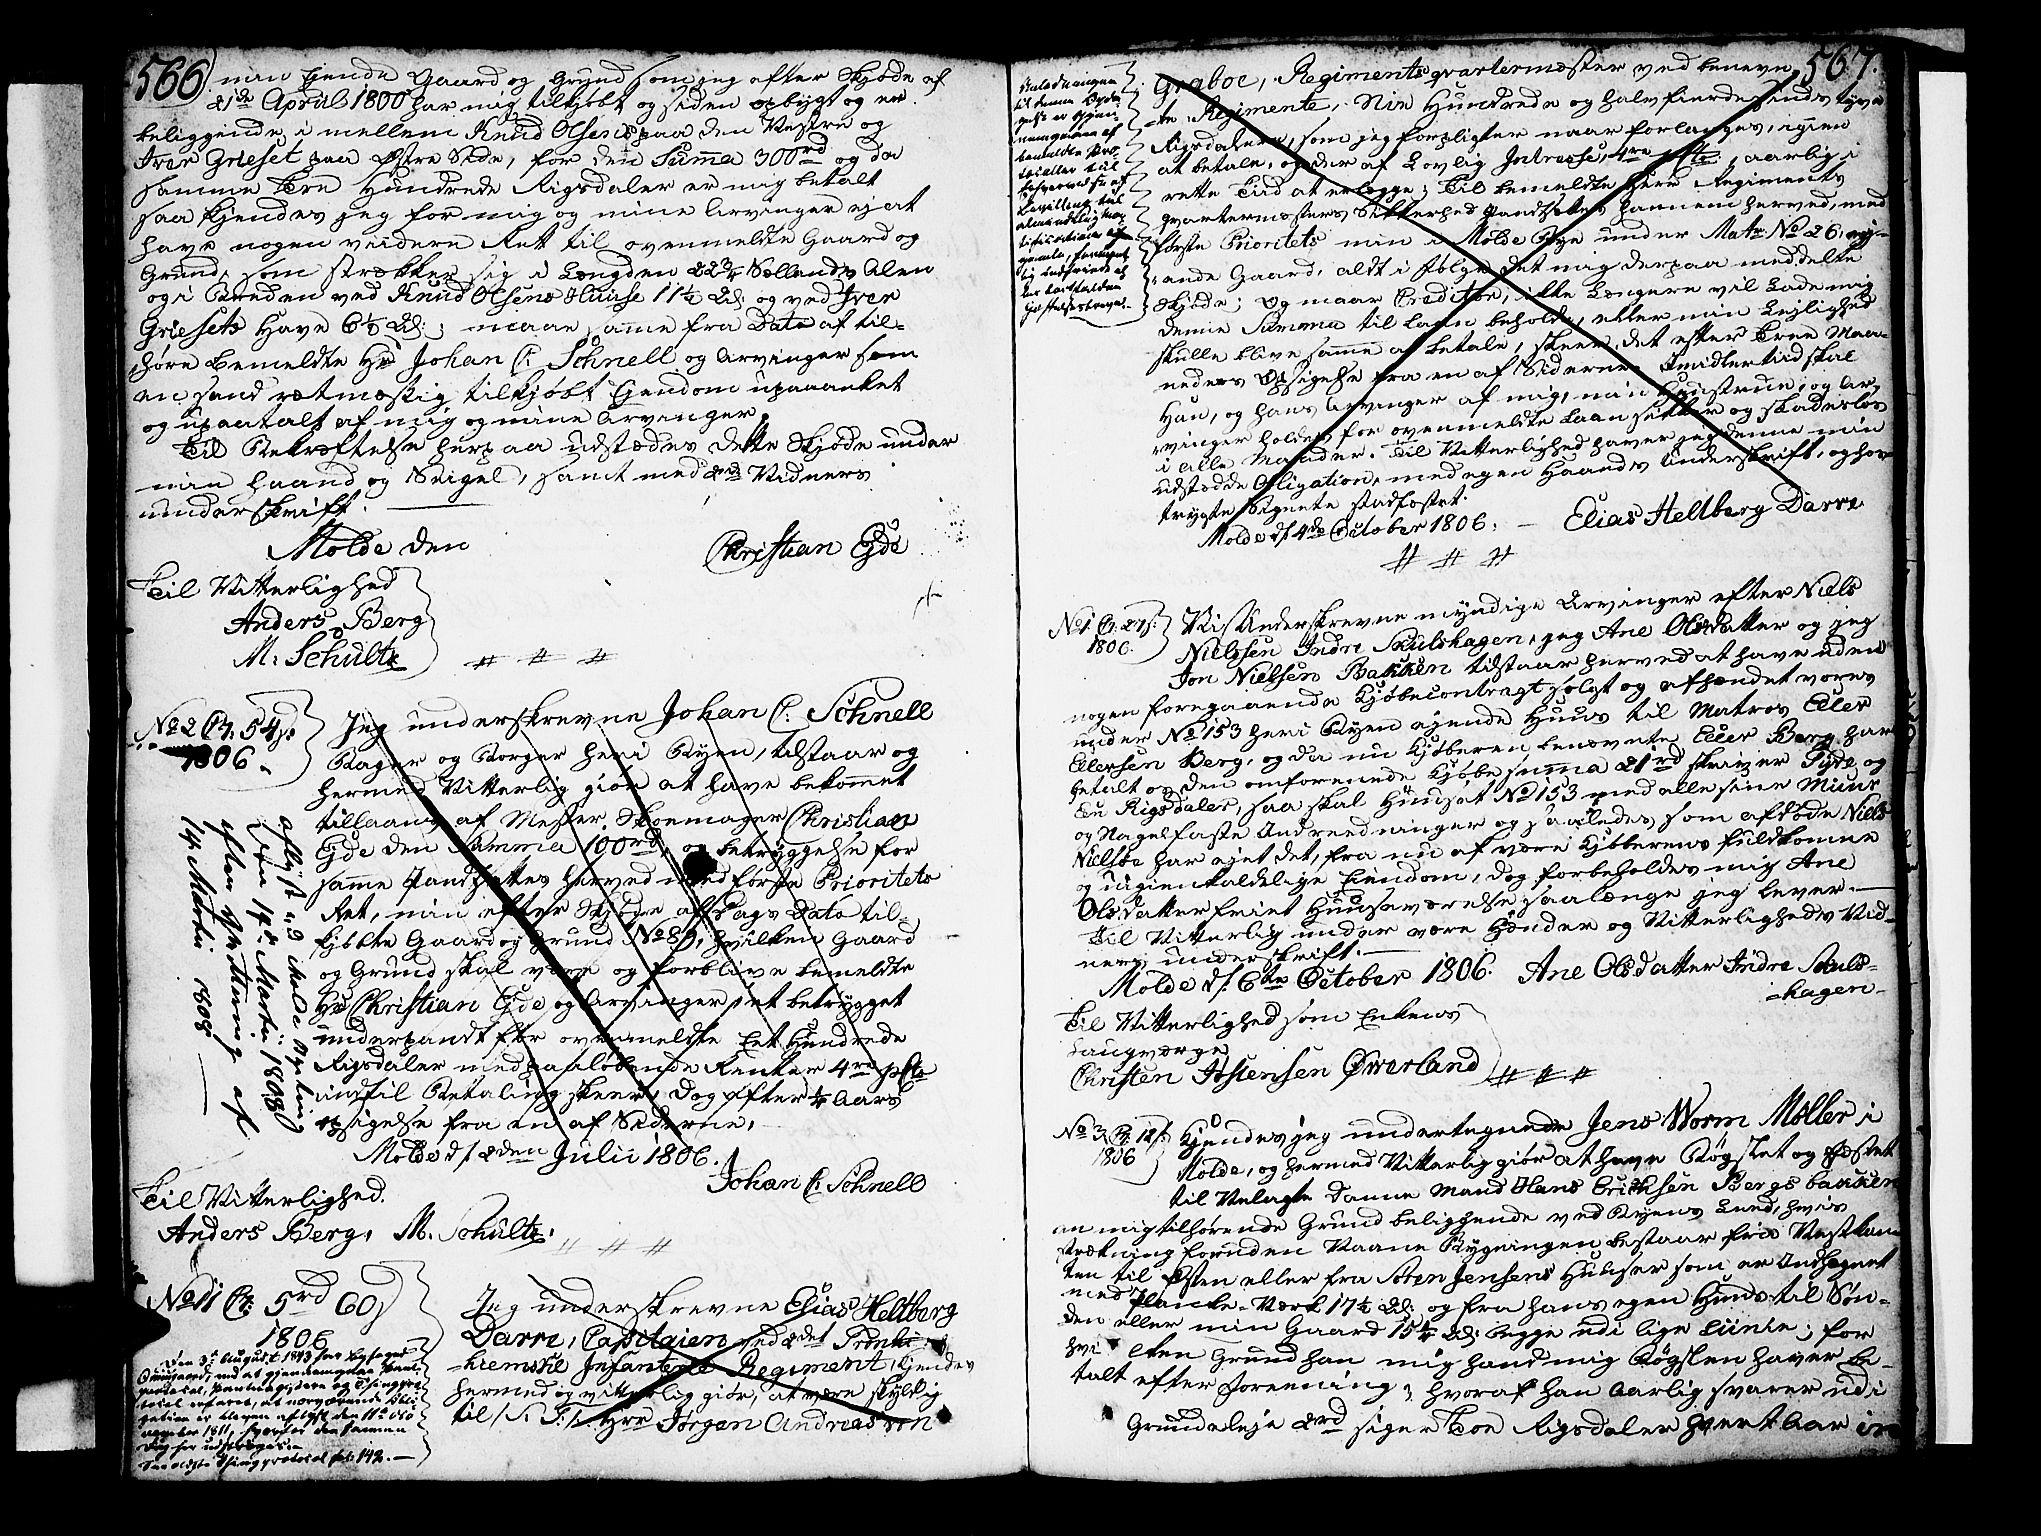 SAT, Molde byfogd, 2/2C/L0001: Pantebok nr. 1, 1748-1823, s. 566-567